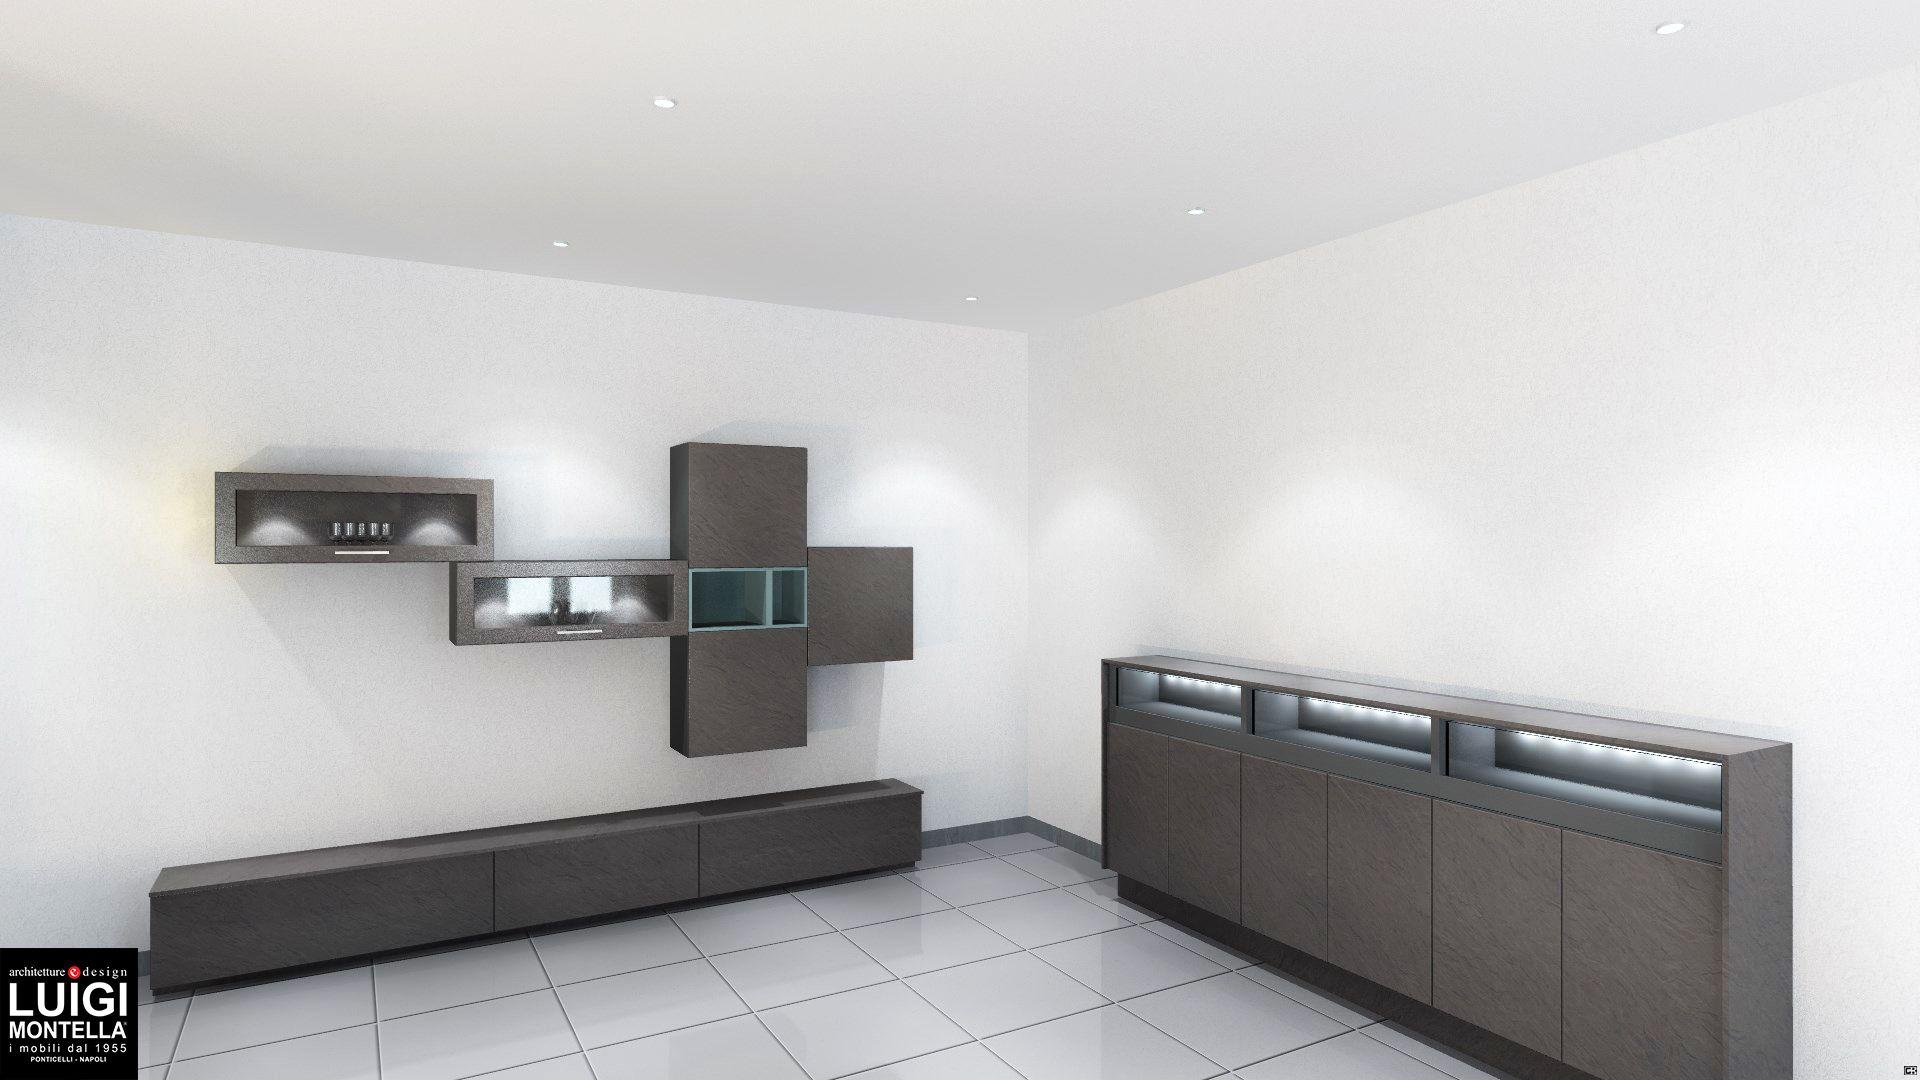 Credenza Moderna Grigia : Madia moderna con parete attrezzata effetto cemento grigio ardesia